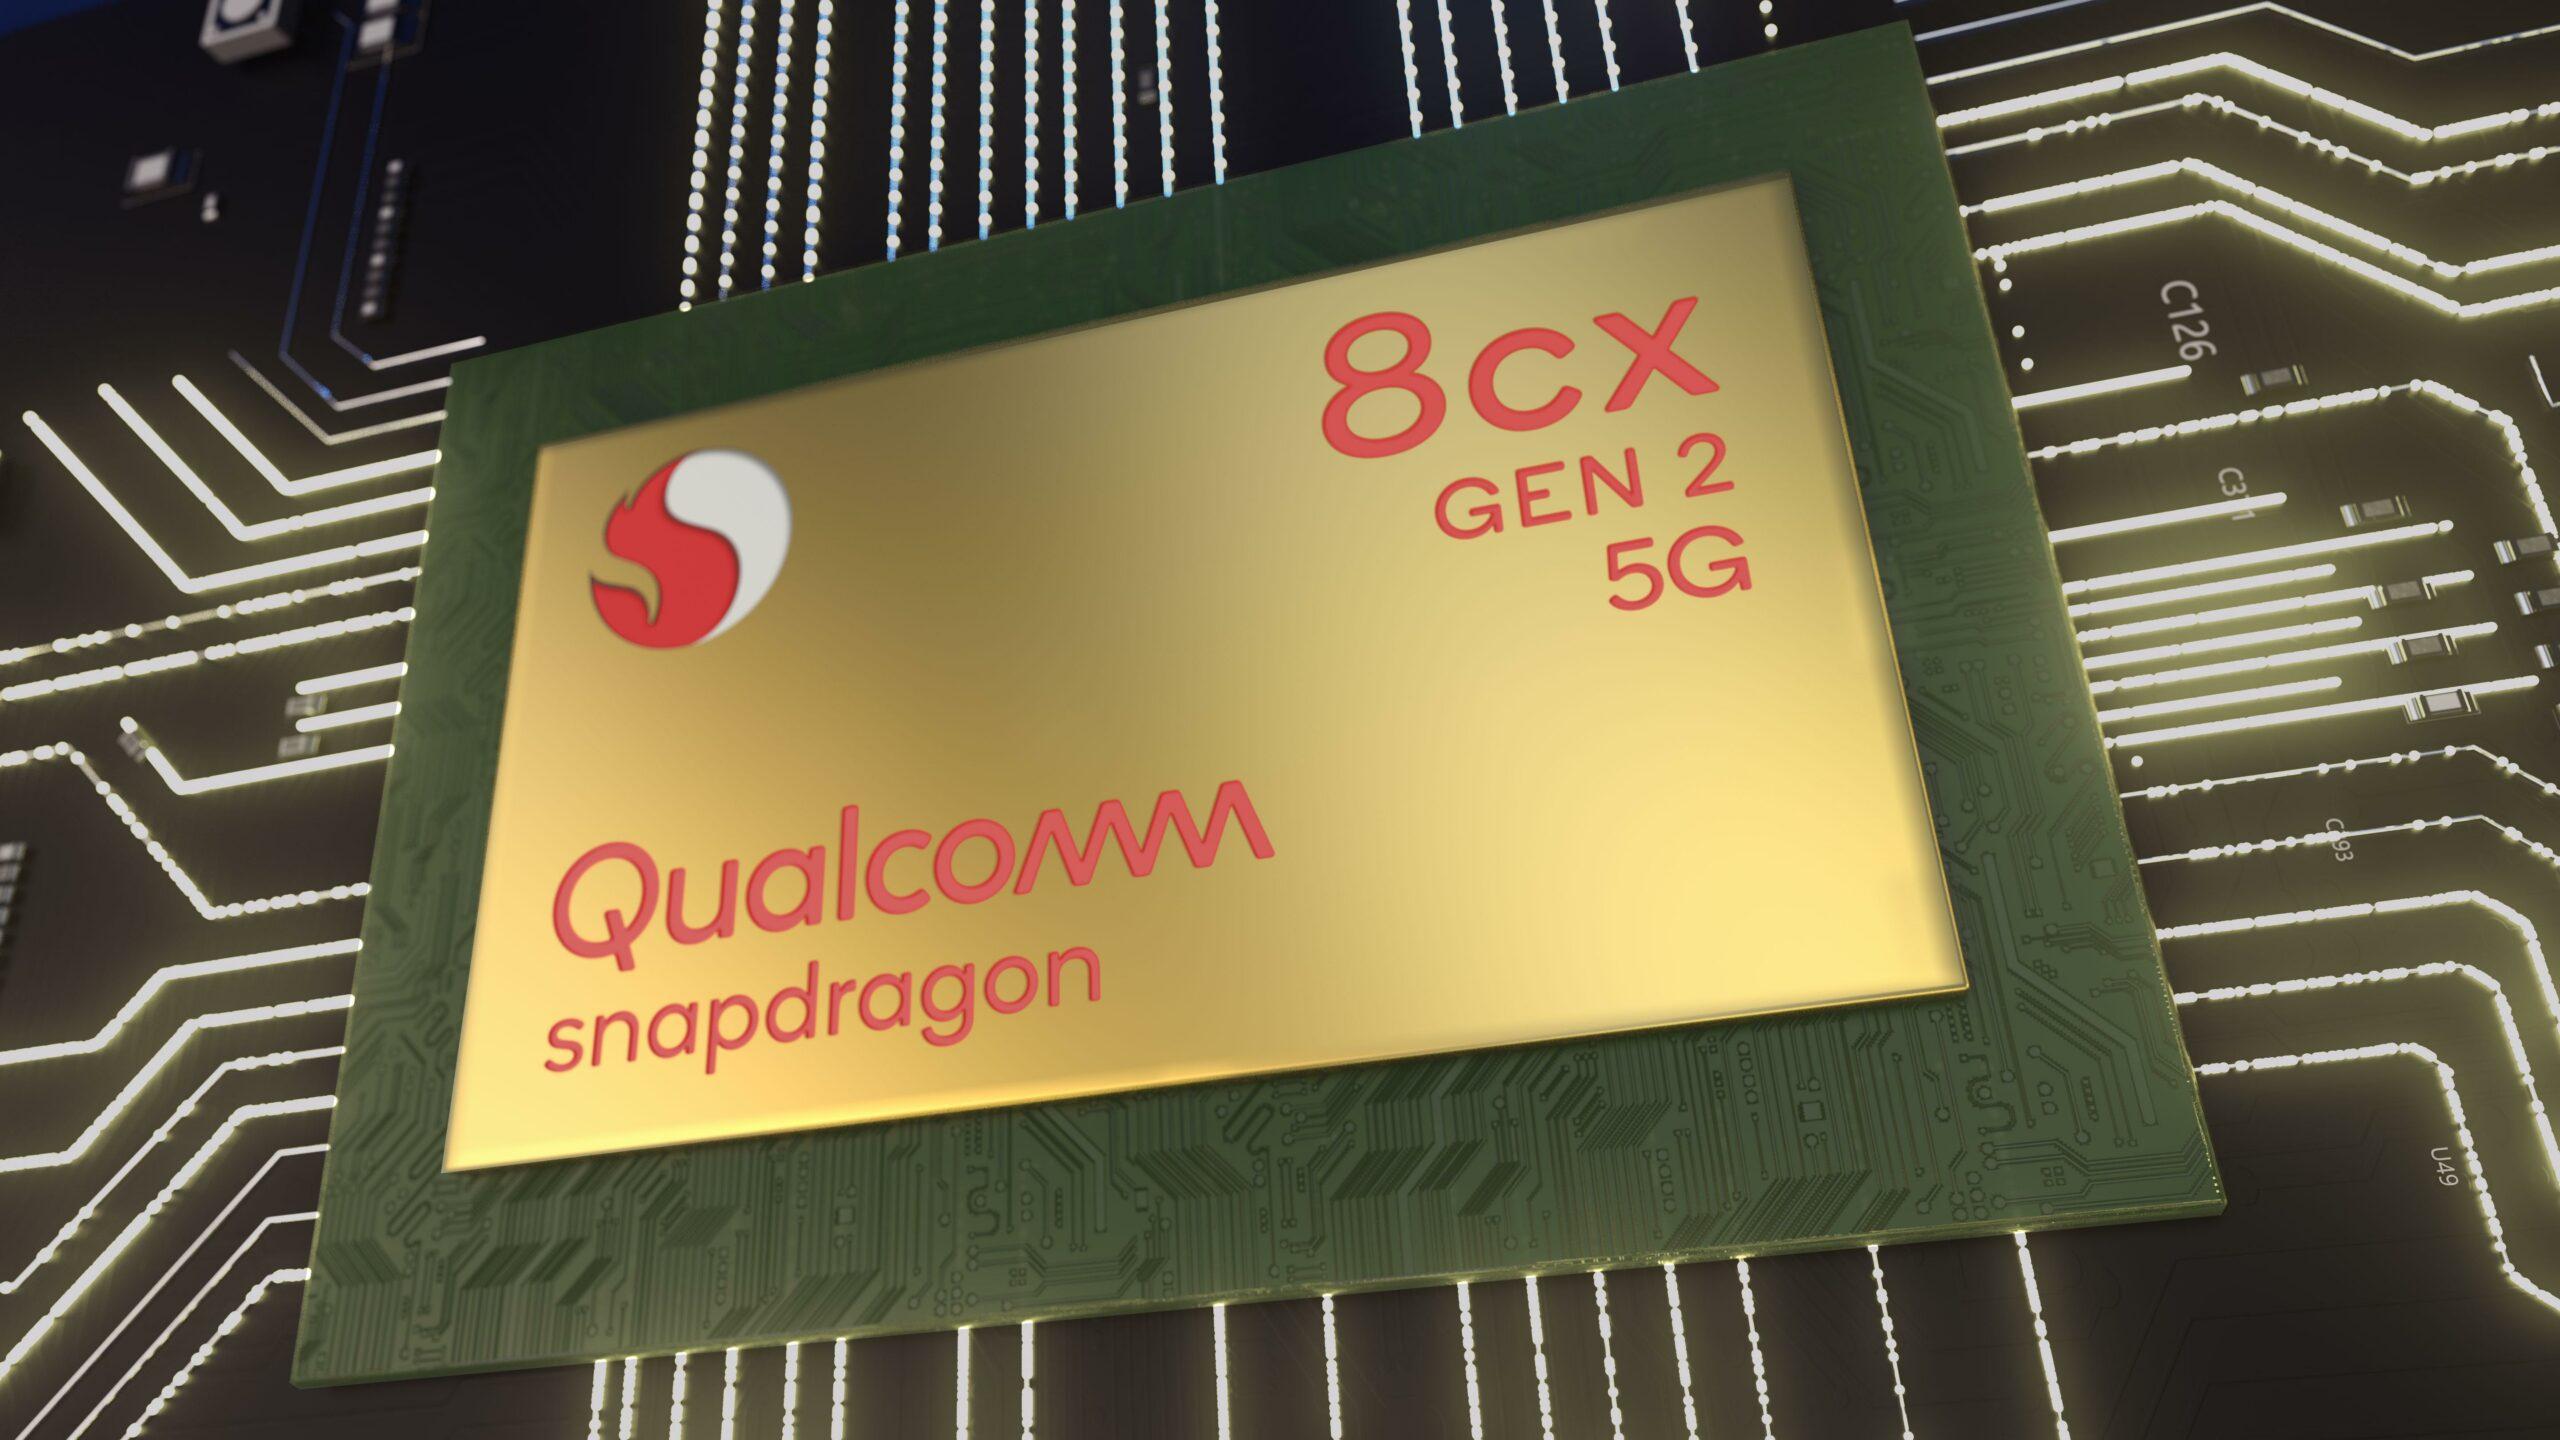 Qualcomm Snapdragon 8cx Gen 2 5G 7nm Compute Platform announced